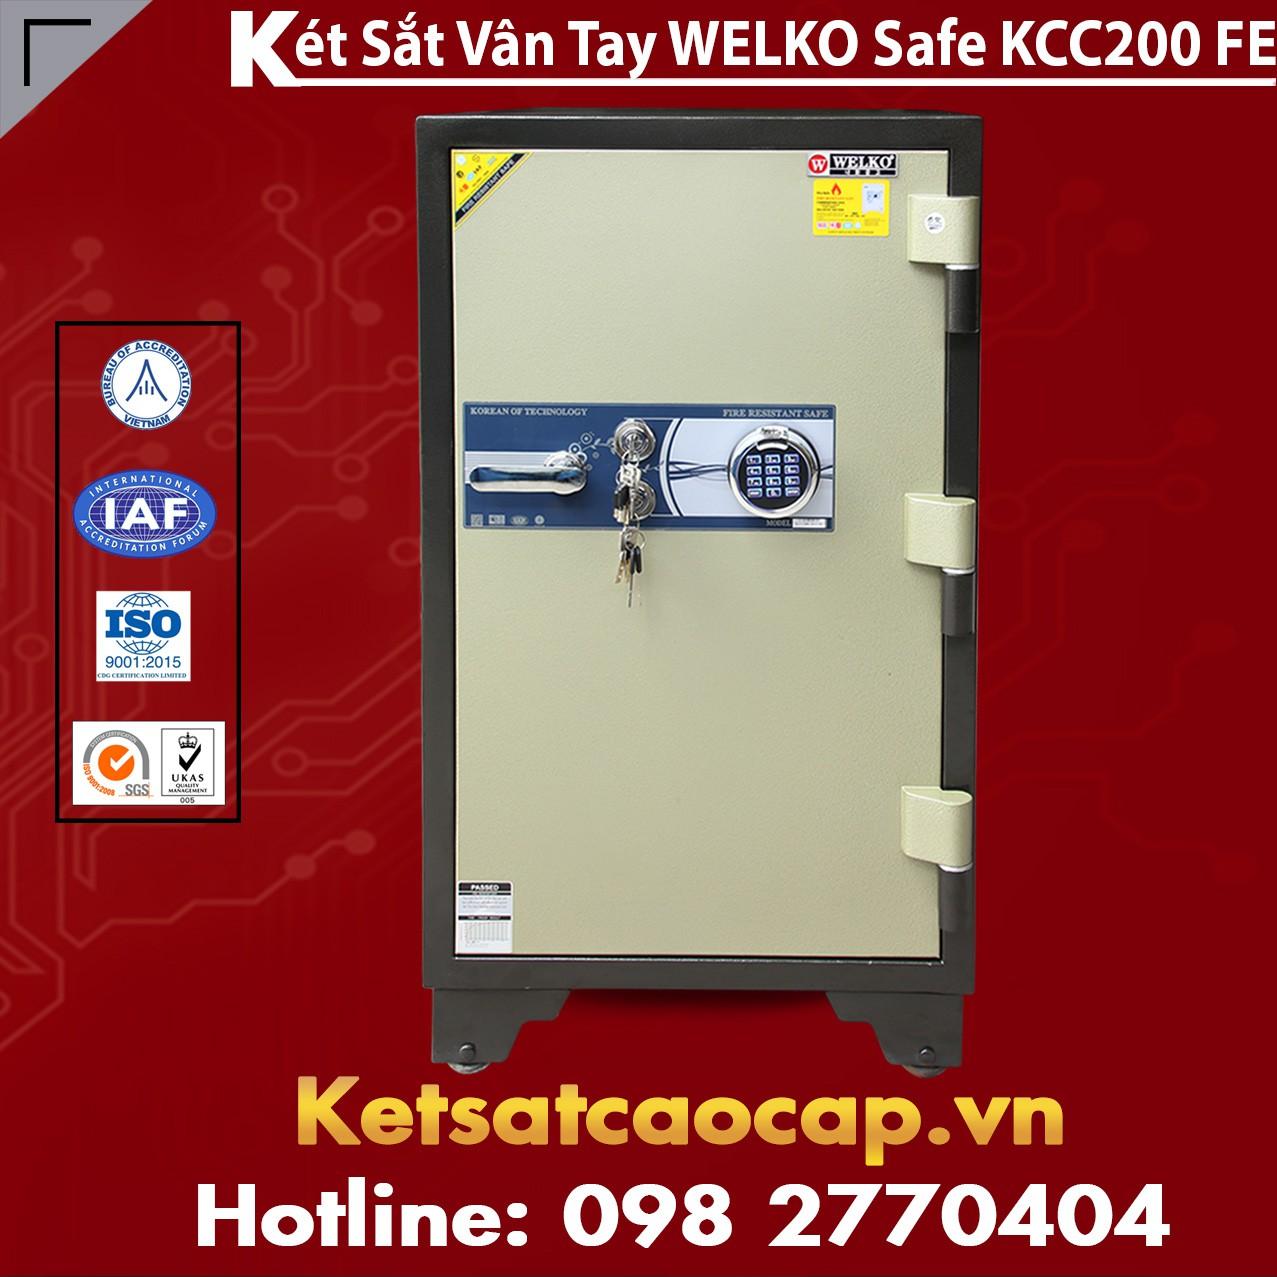 Két Sắt Vân Tay WELKO KCC200 FE